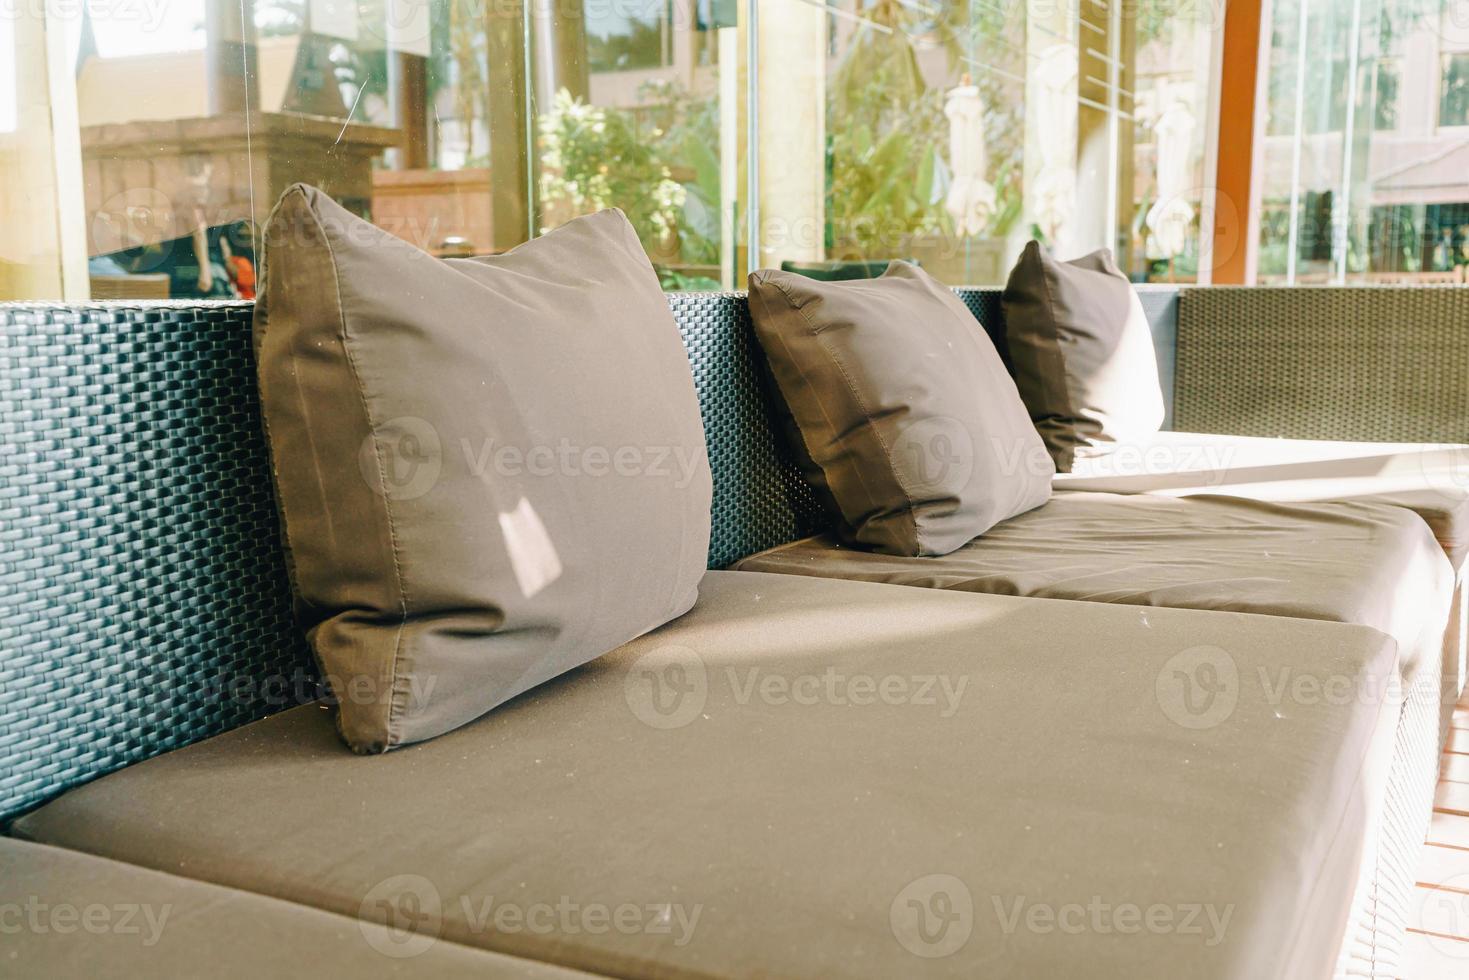 décoration d'oreiller confortable sur le canapé au balcon photo